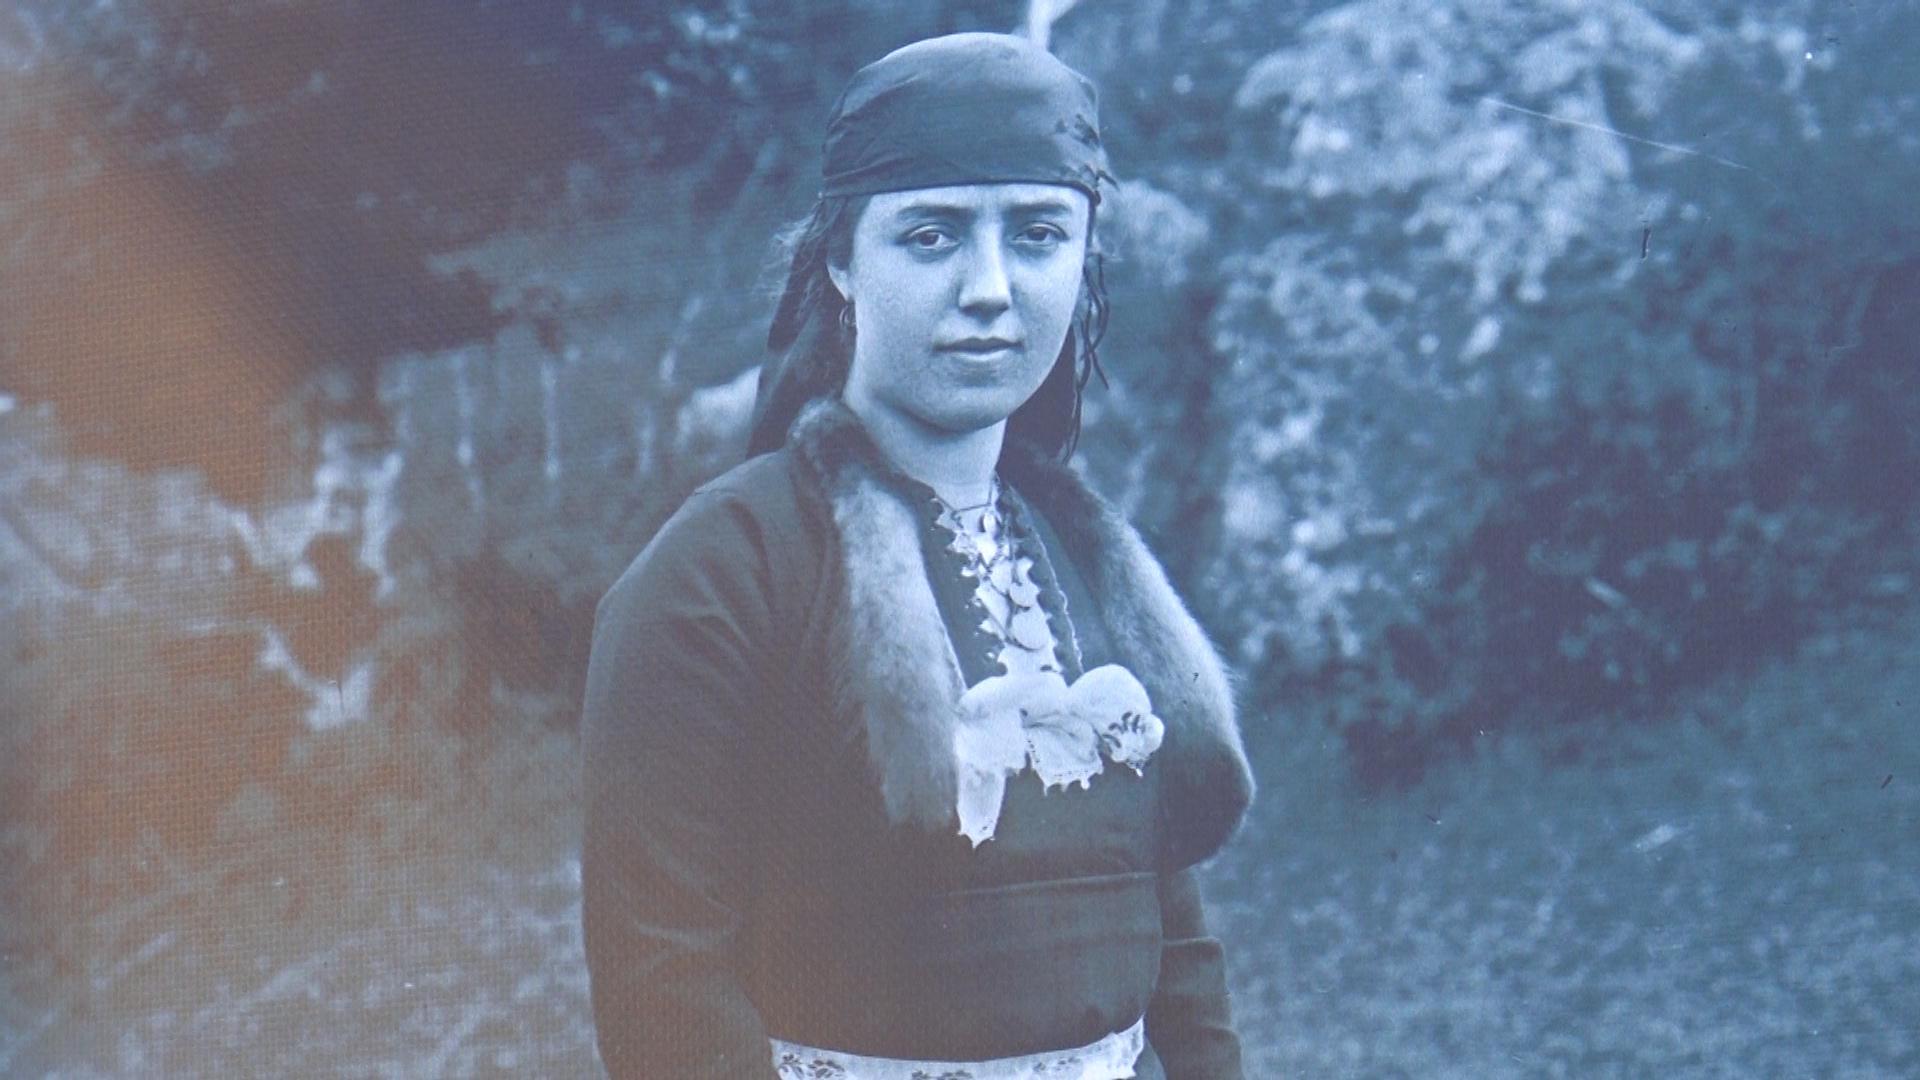 През 1922 година Крум Савов открива фотографско ателие в Чепеларе, но за разлика от колегите си от другите градове, не засяда в него постоянно. Понесъл камерата, купена от странство и статива, той непрекъснато обикаля родопските села и снима. Хората на неговите фотографии не са в обичайните вдървени пози със застинали физиономии, каквито са най- често спомените от оня период- Крум Савов прави репортажни снимки, разчупва дистанцията от обектива, портретите му са живи и искрени. Всяка негова снимка разказва история и тя може да се прочете в израженията, погледите, жестовете, позицията на ръцете.